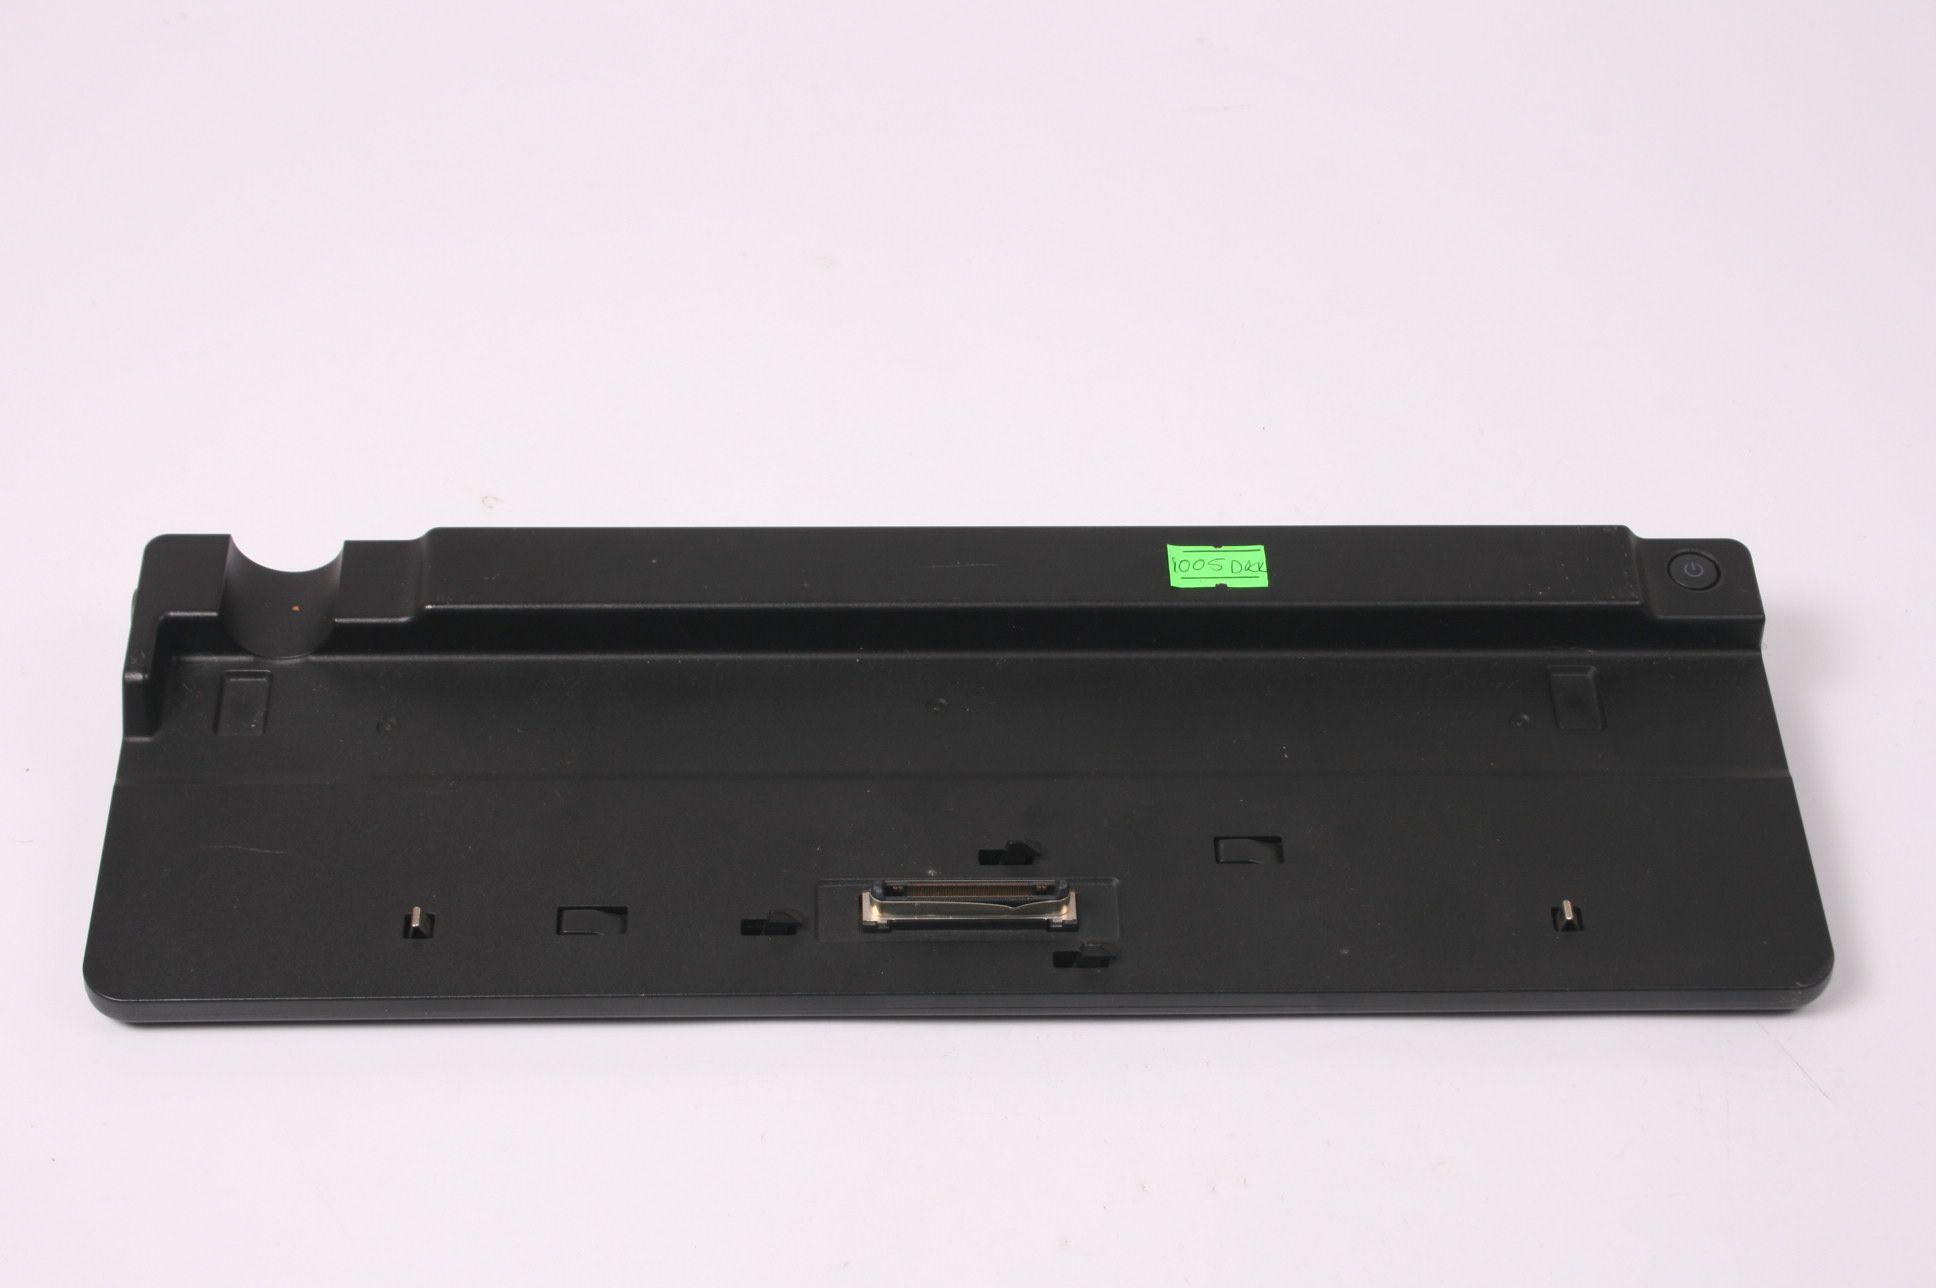 FUJITSU LIFEBOOK S760 Laptop Docking Station CP483645-01